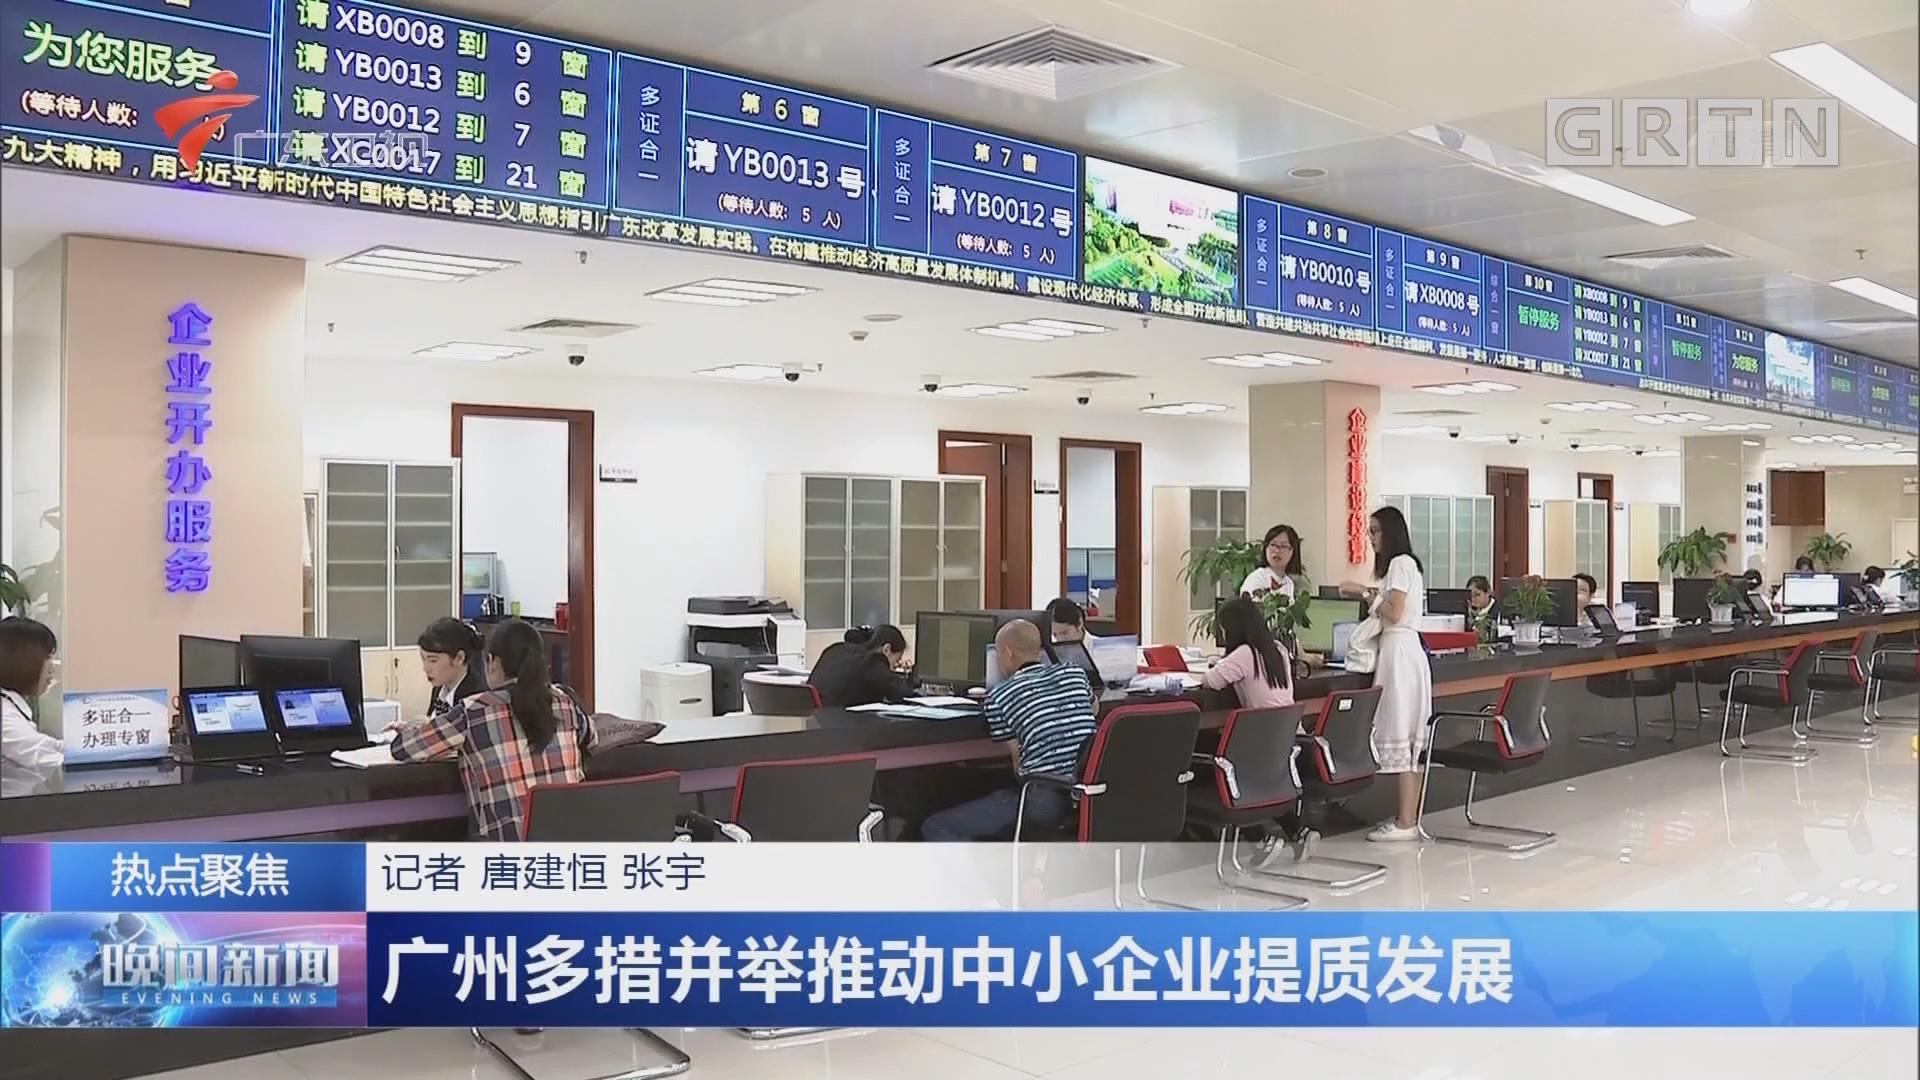 广州多措并举推动中小企业提质发展